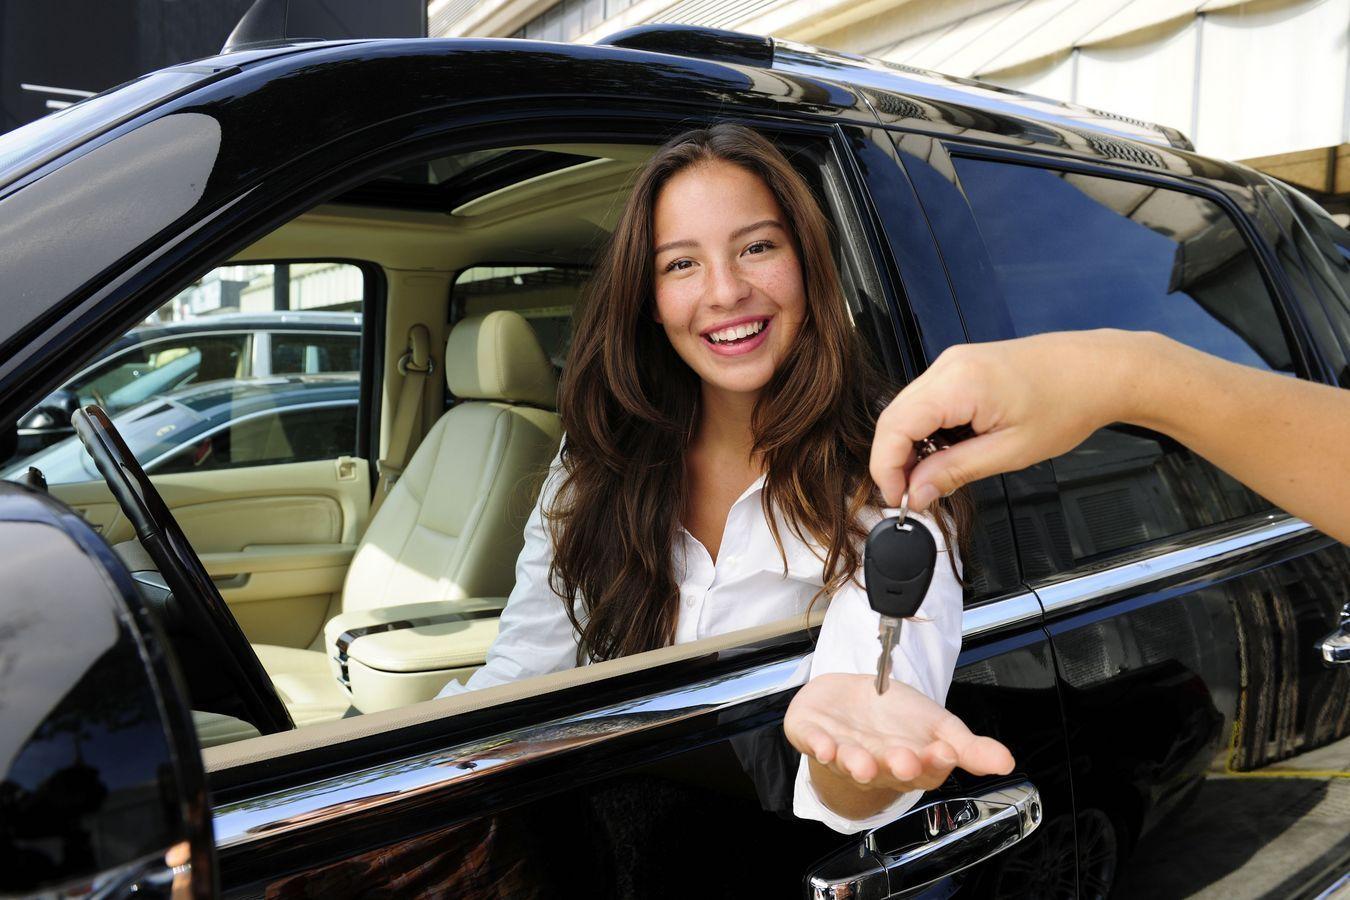 Зачем брать автомобиль напрокат